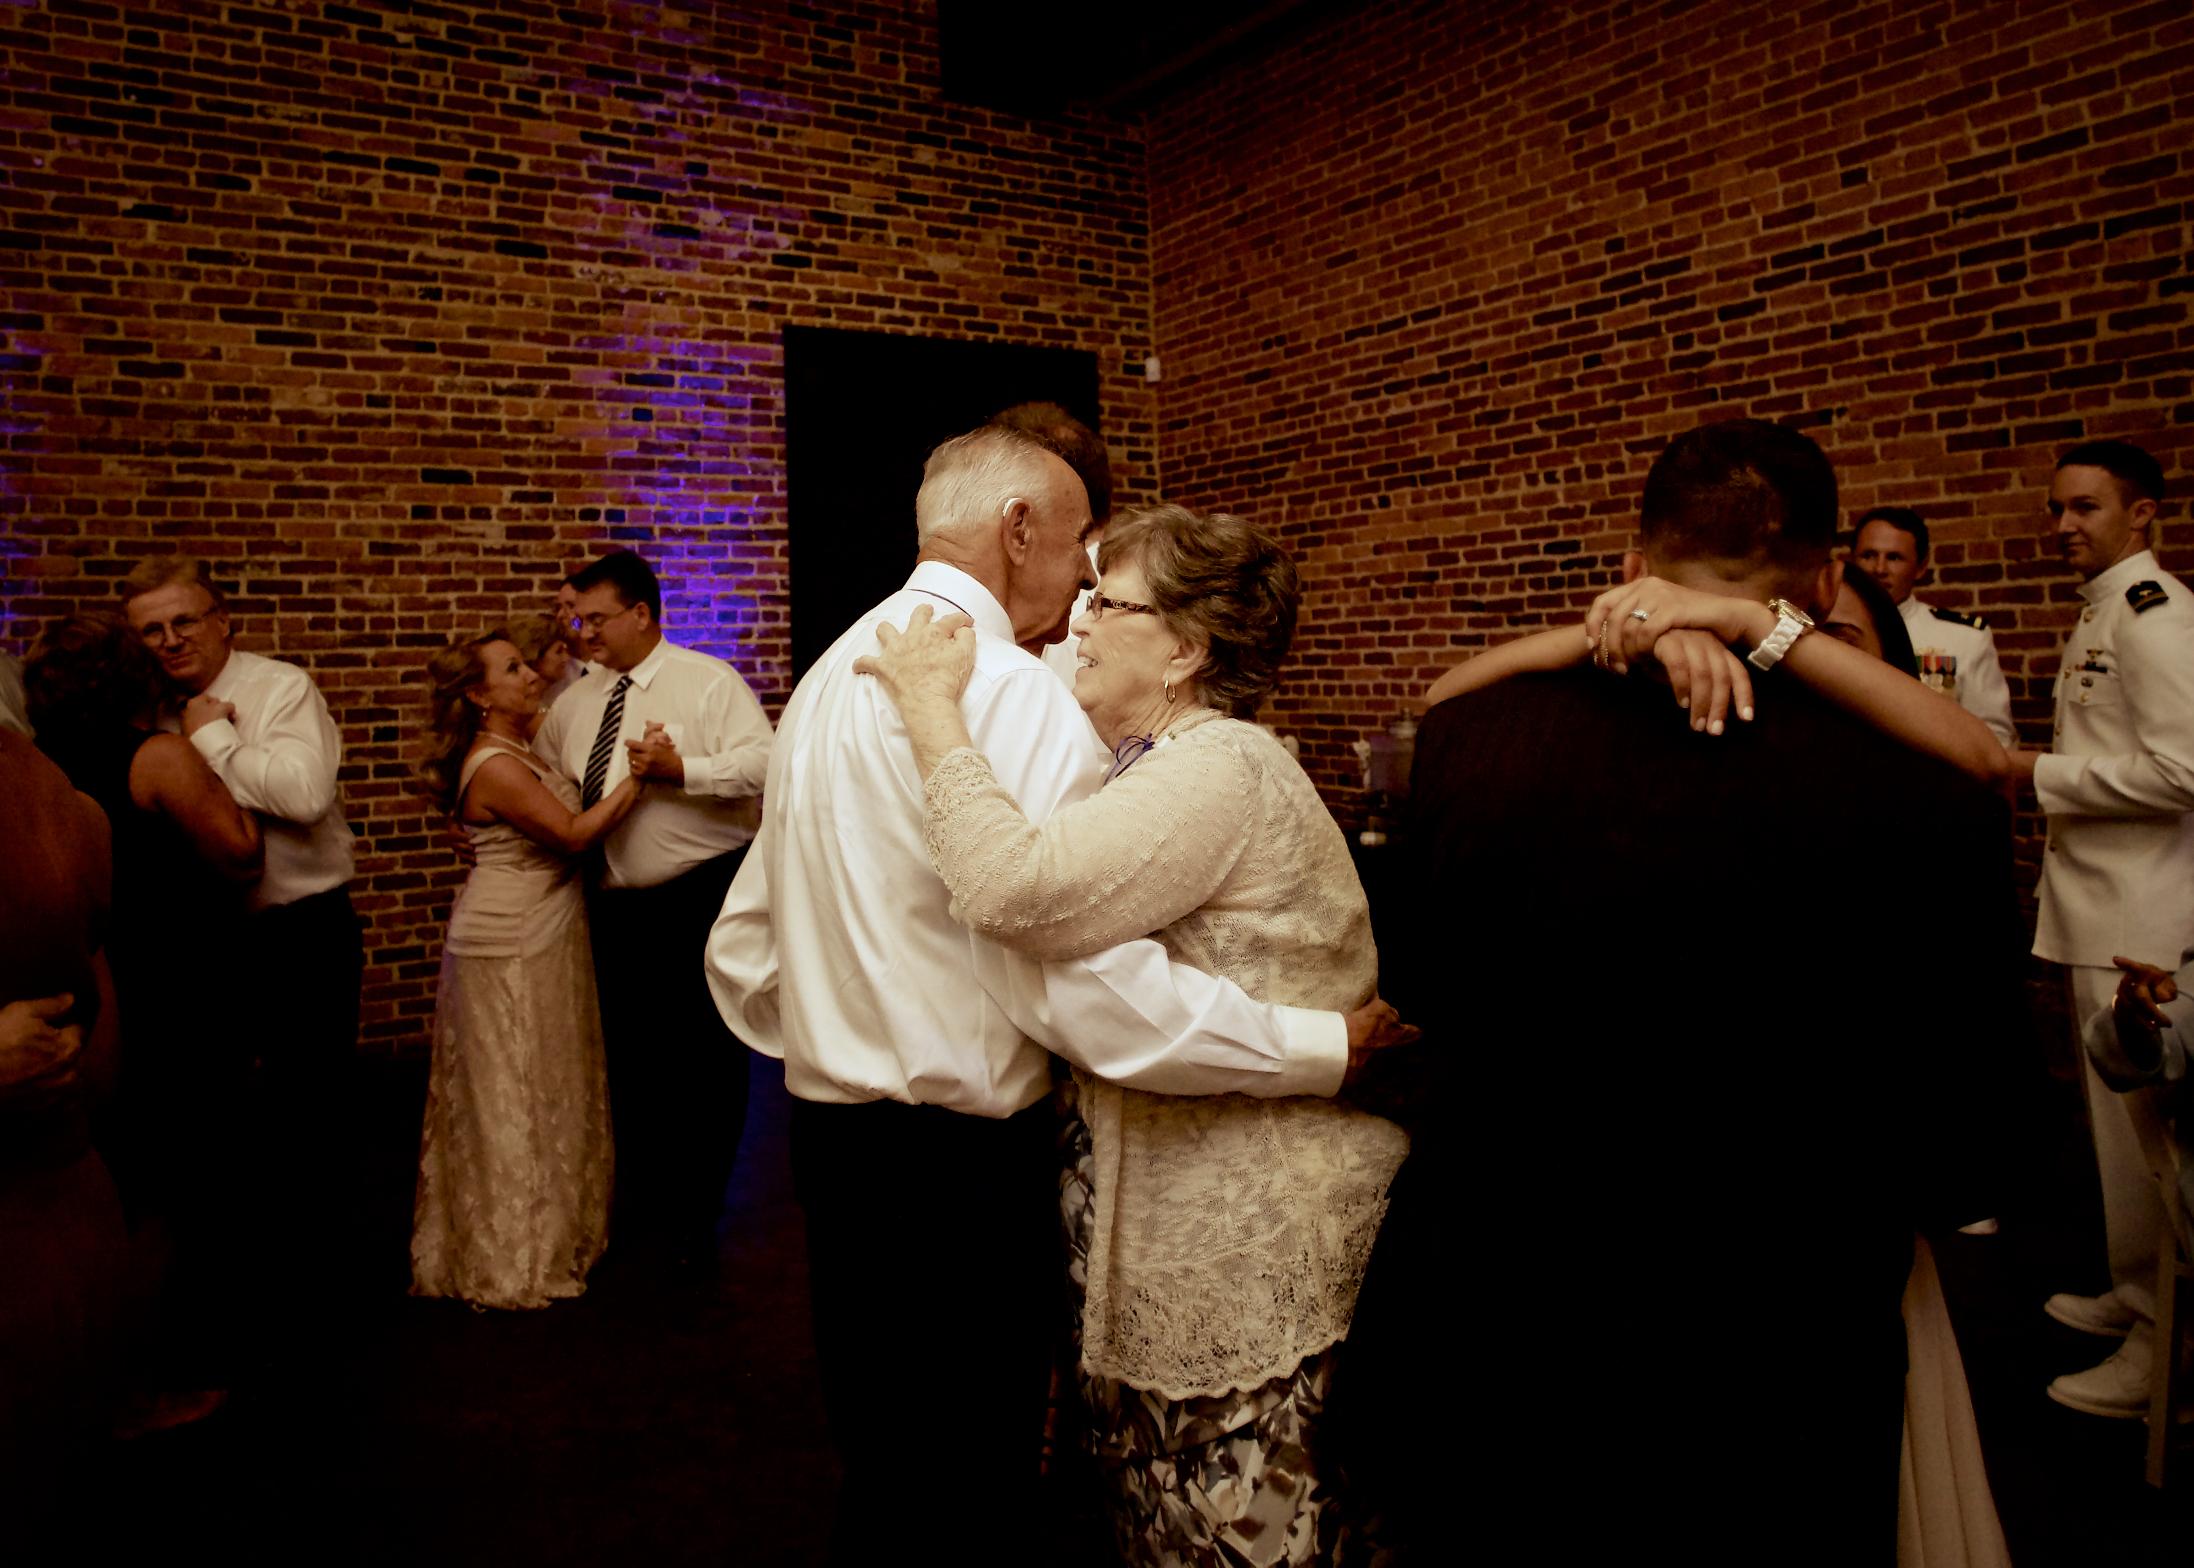 Wedding392.jpg